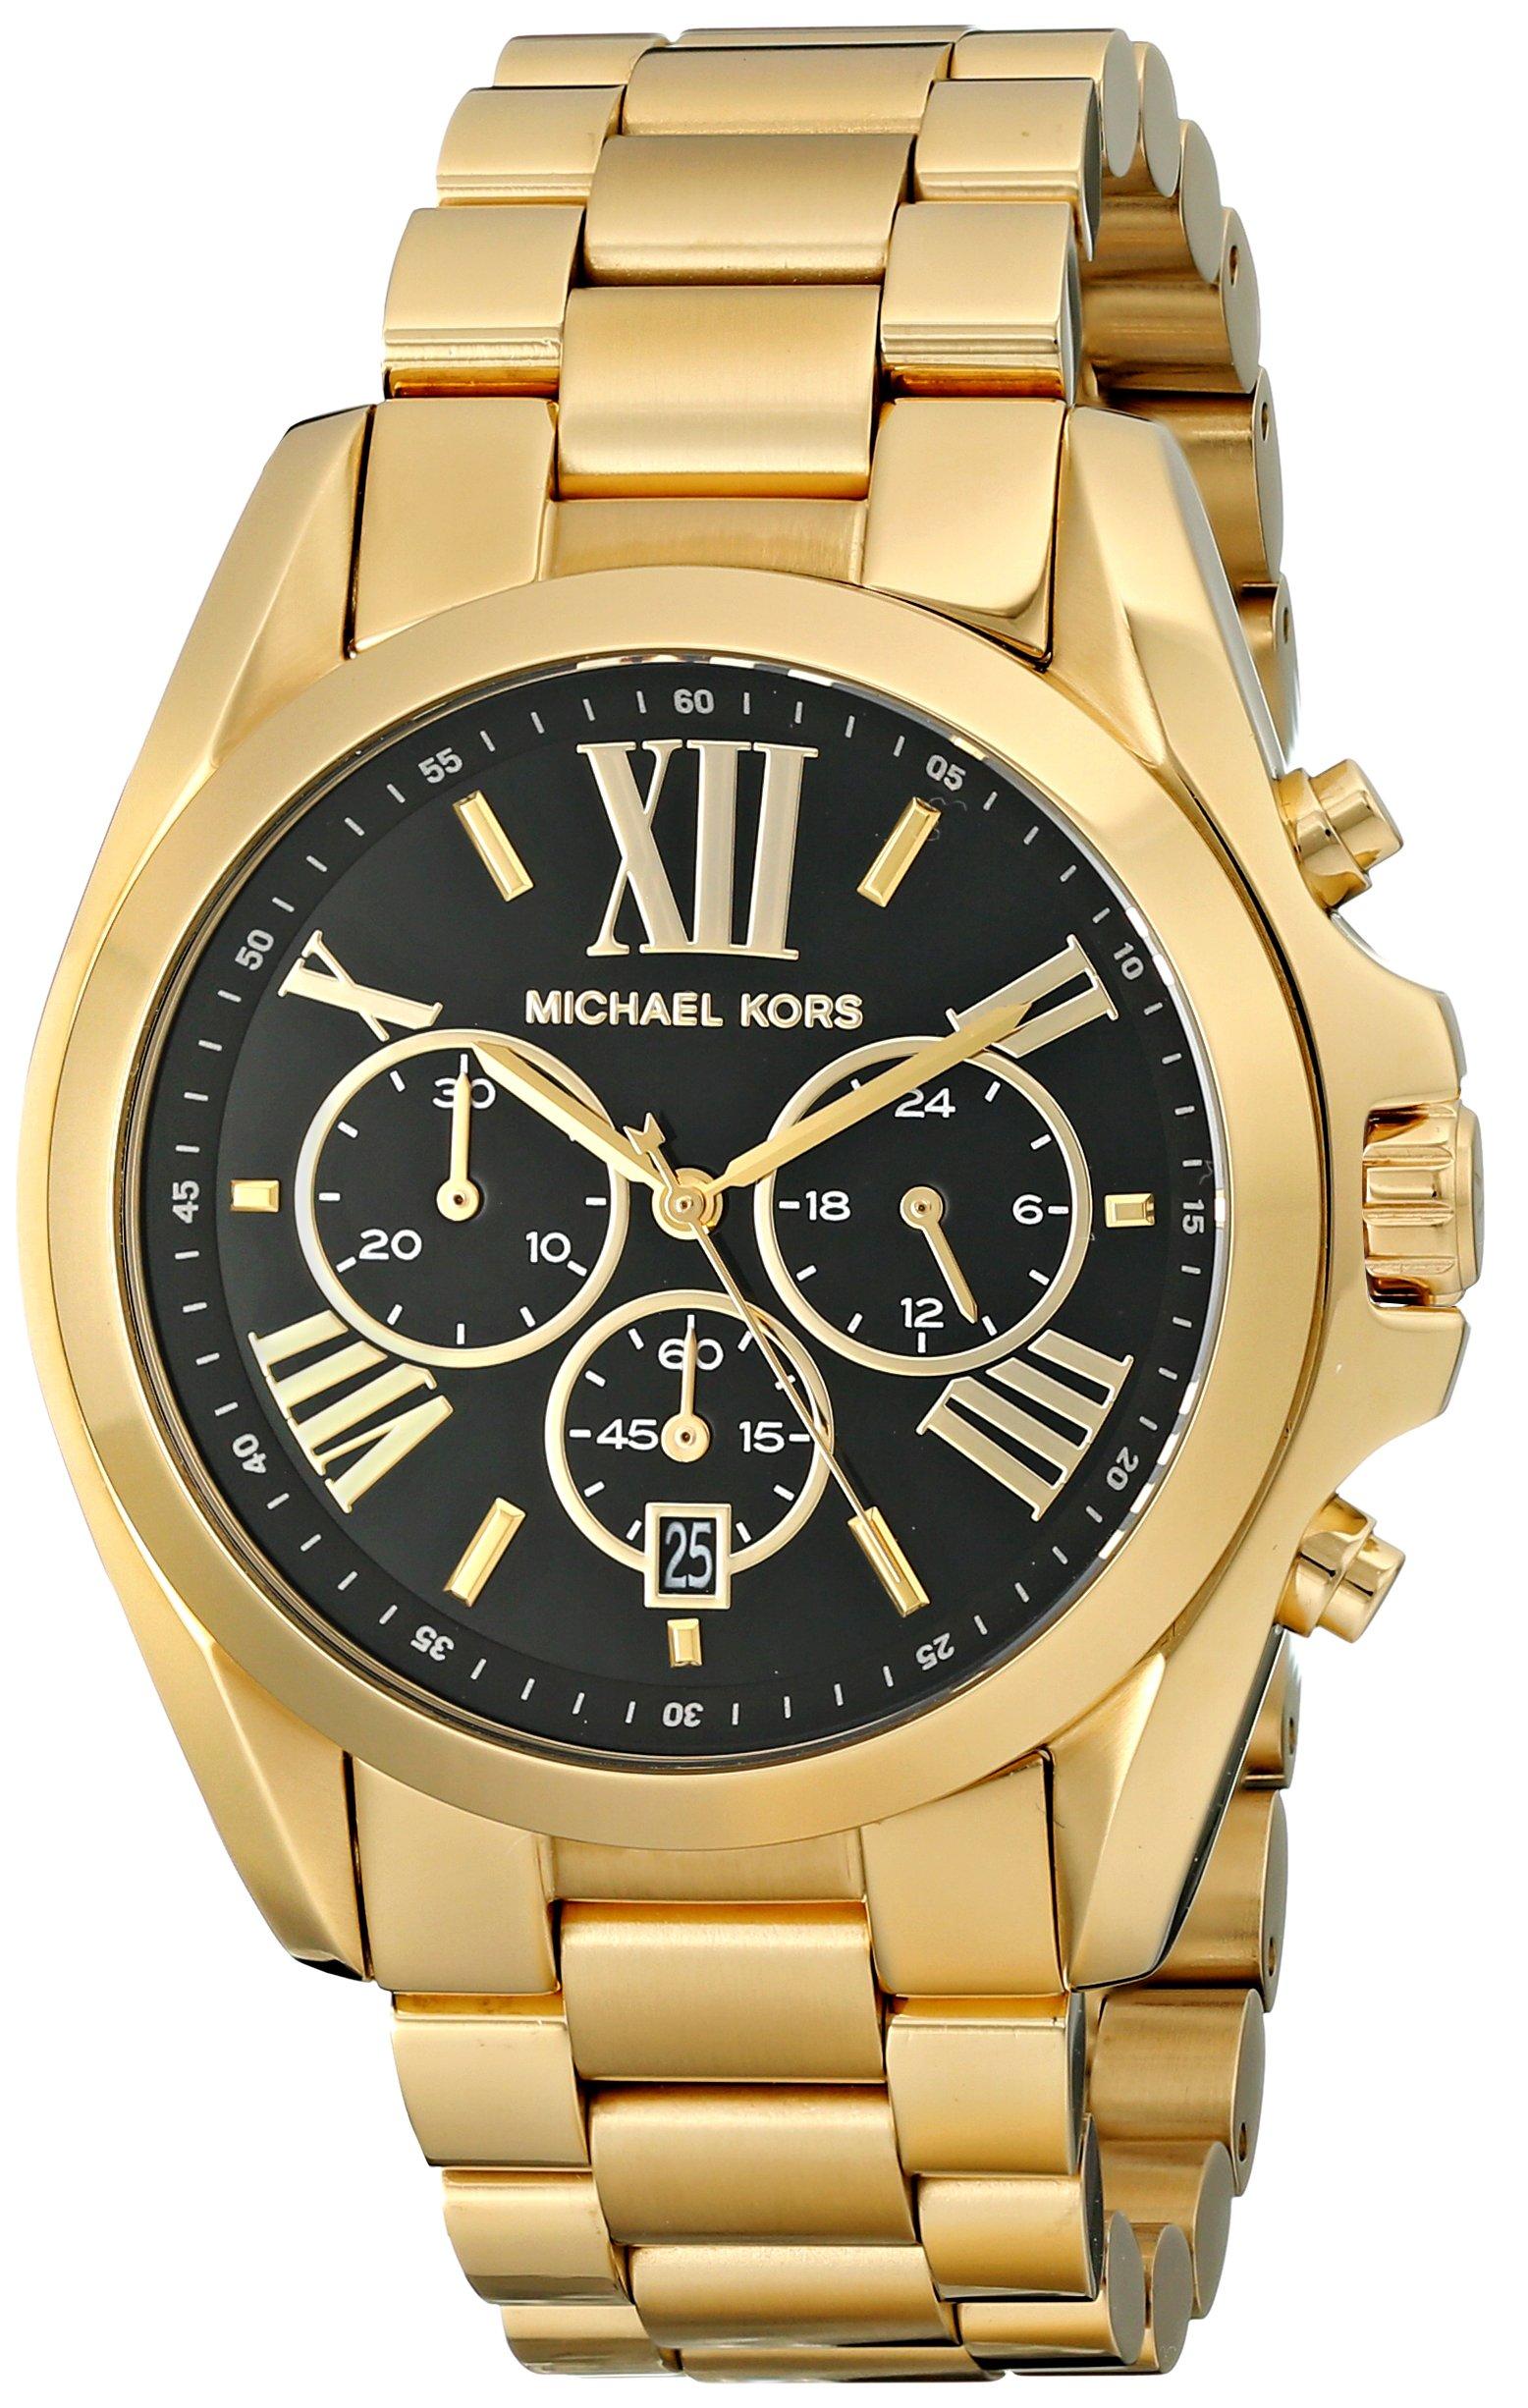 Michael Kors Women's Bradshaw Gold-Tone Watch MK5739 by Michael Kors